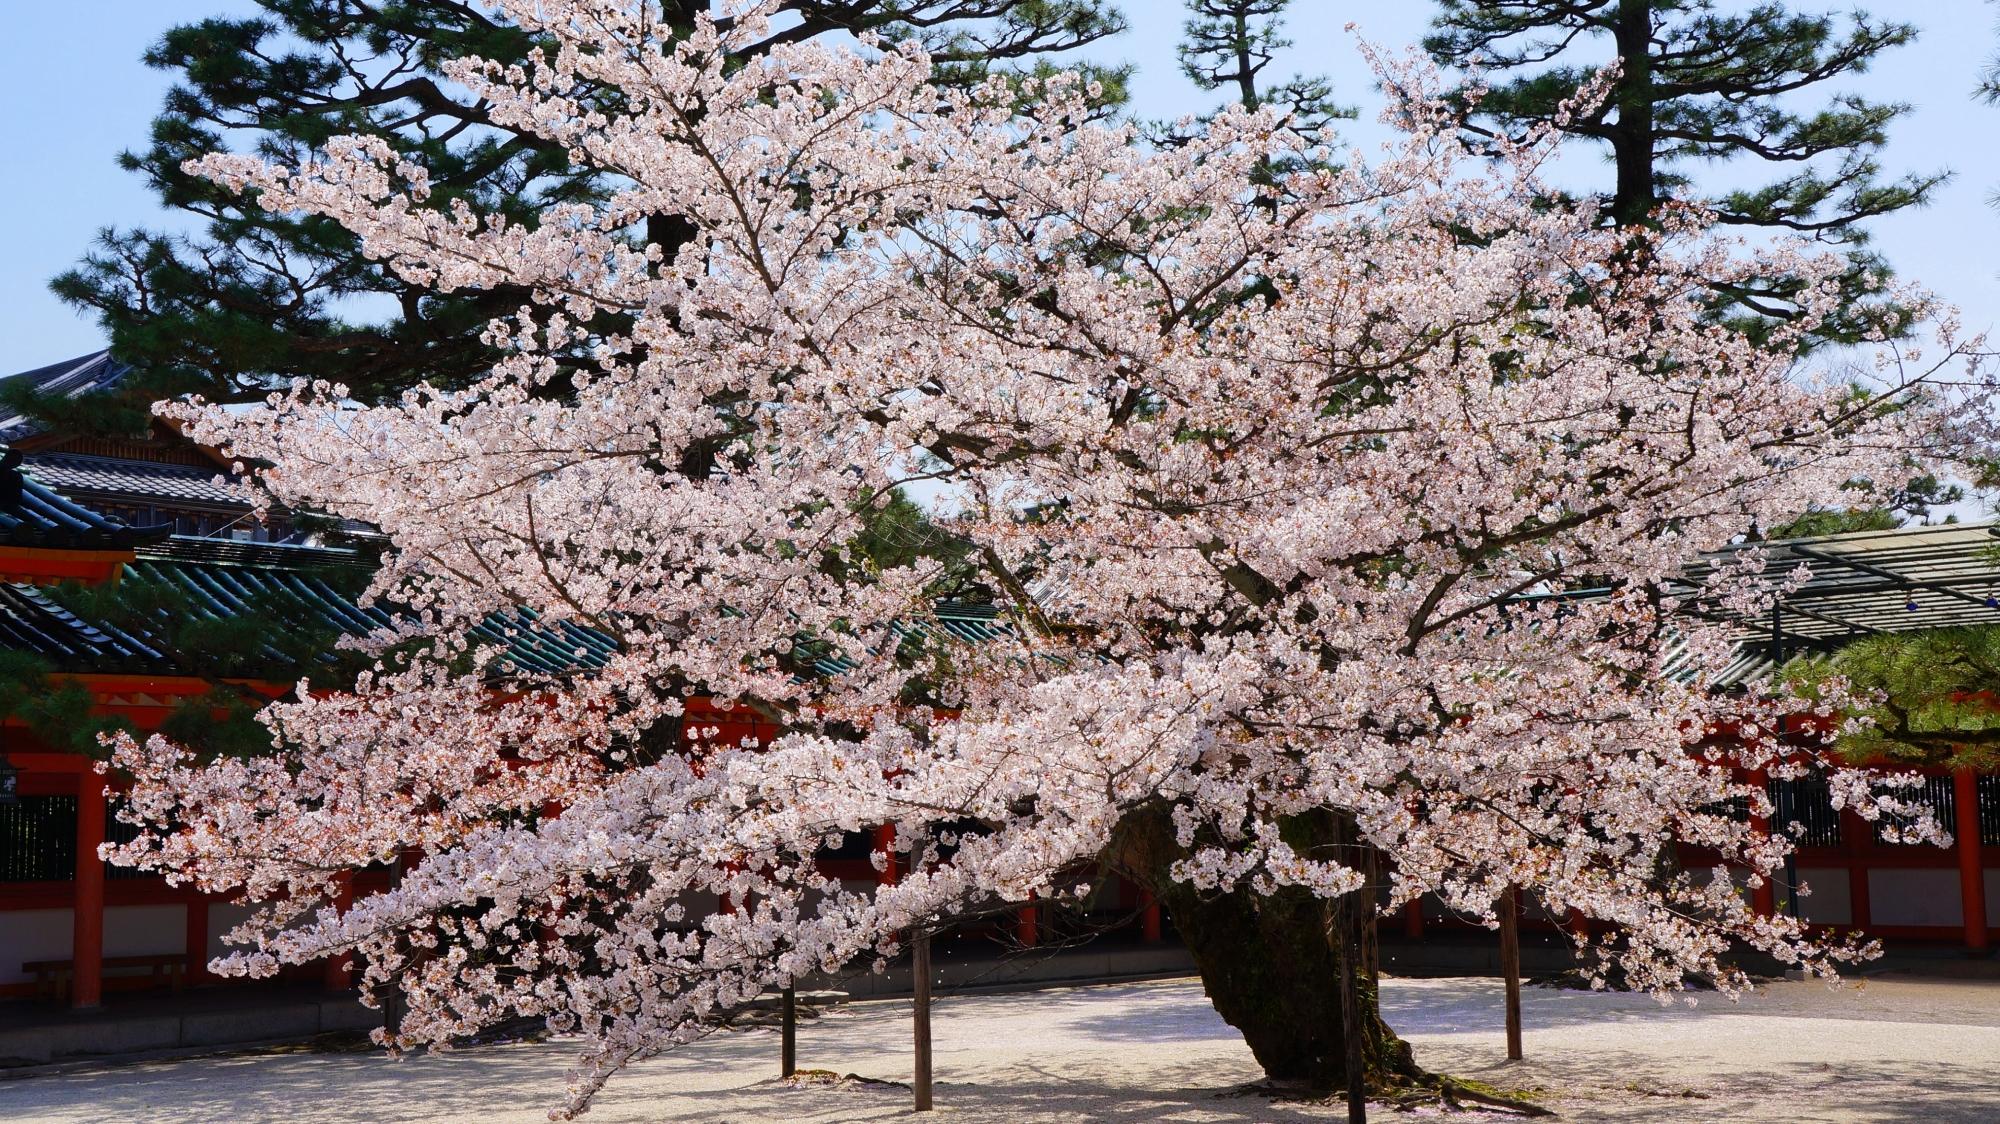 平安神宮の満開の美しい形のソメイヨシノ